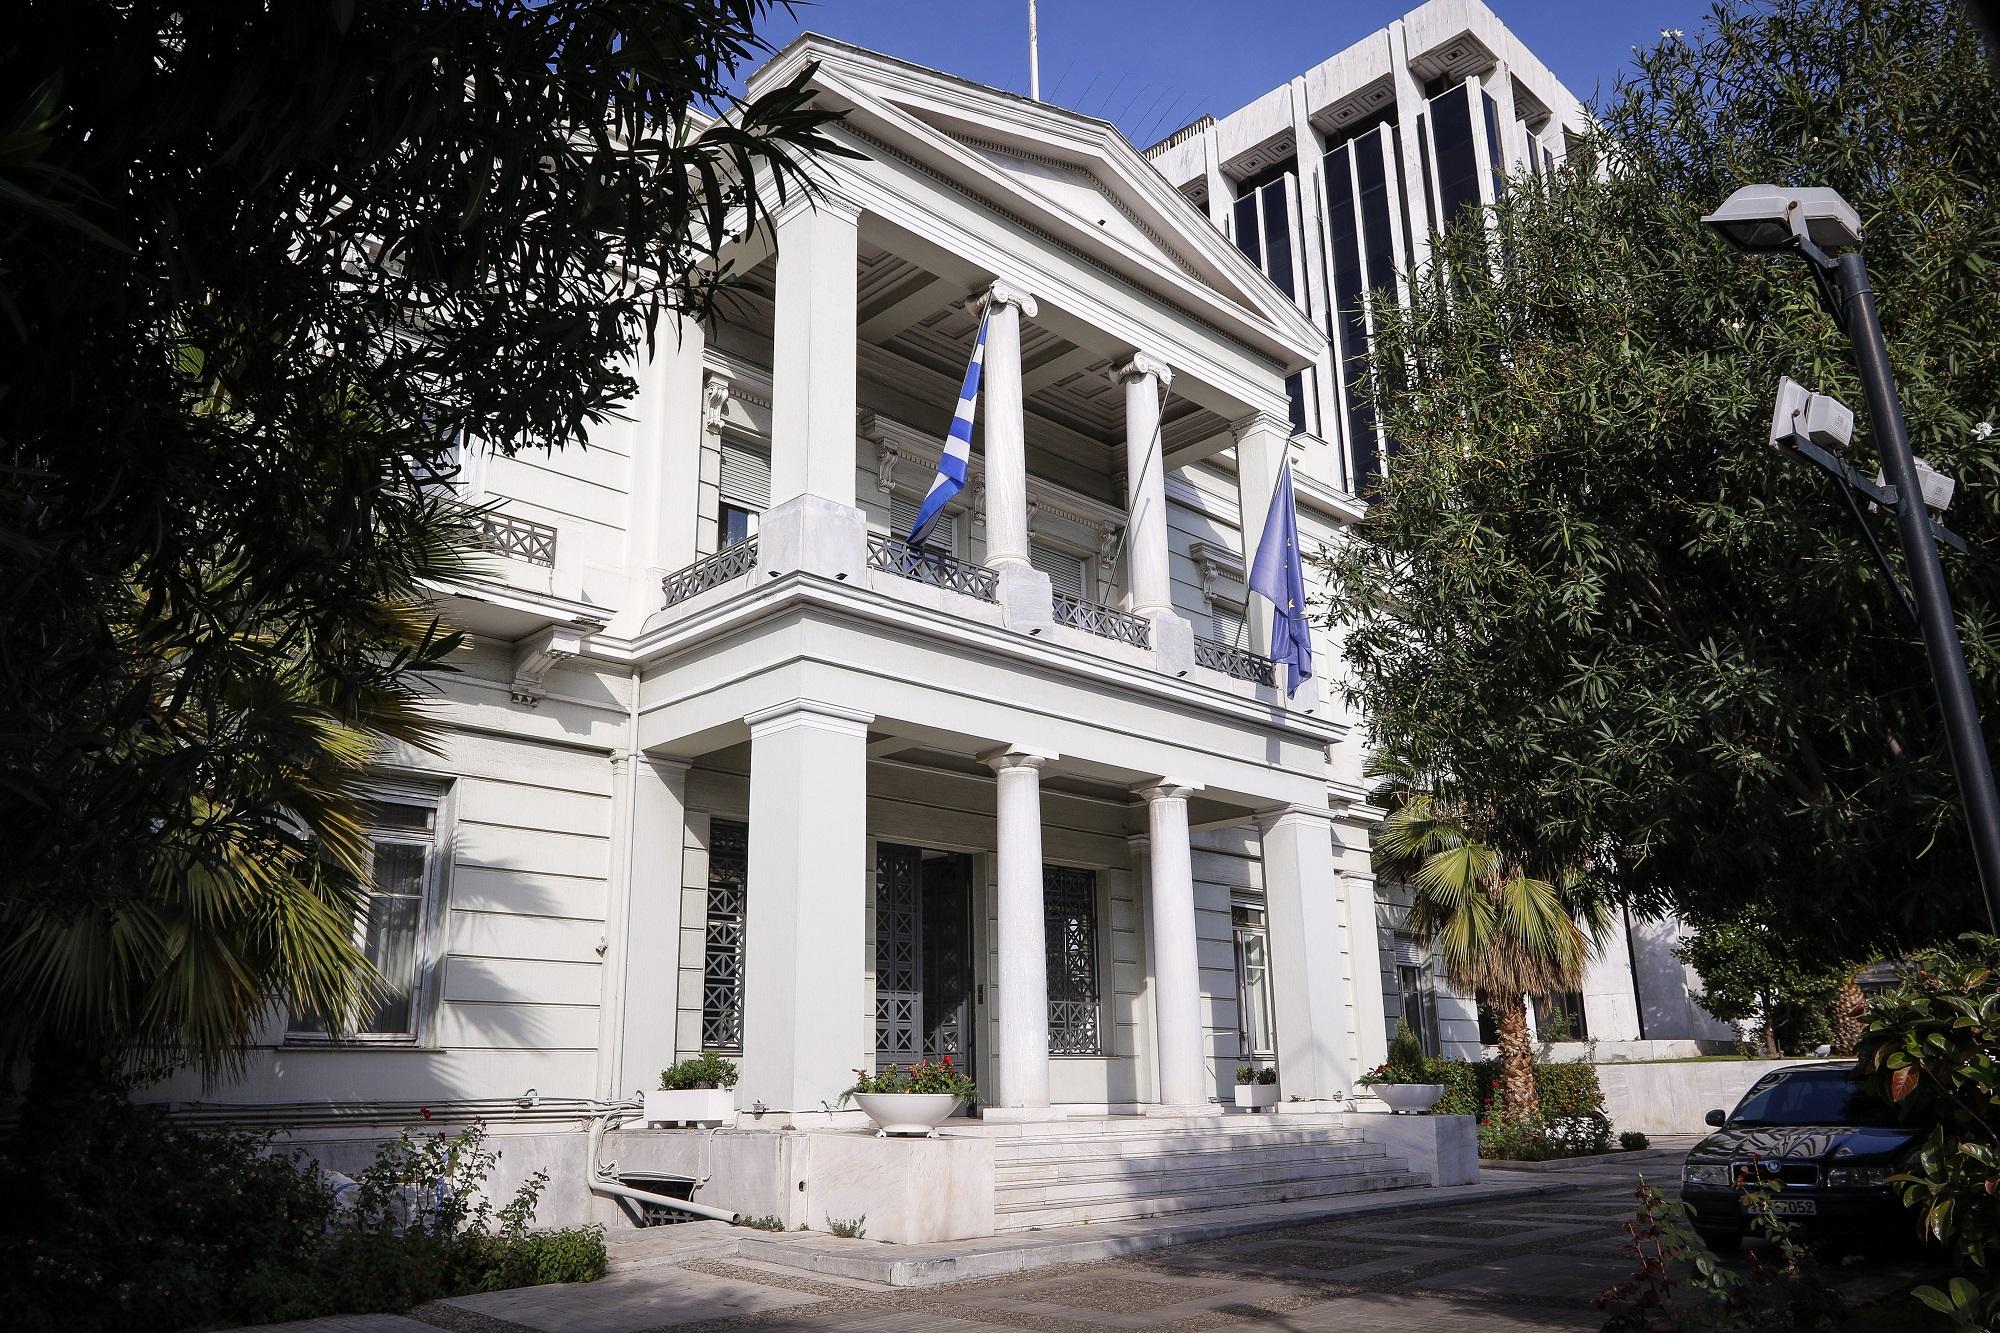 Με αποφασιστικότητα και ψυχραιμία απαντά η Αθήνα στις προκλήσεις της Άγκυρας -Την Τρίτη η Σύνοδος Κορυφής Ελλάδας – Κύπρου – Αιγύπτου